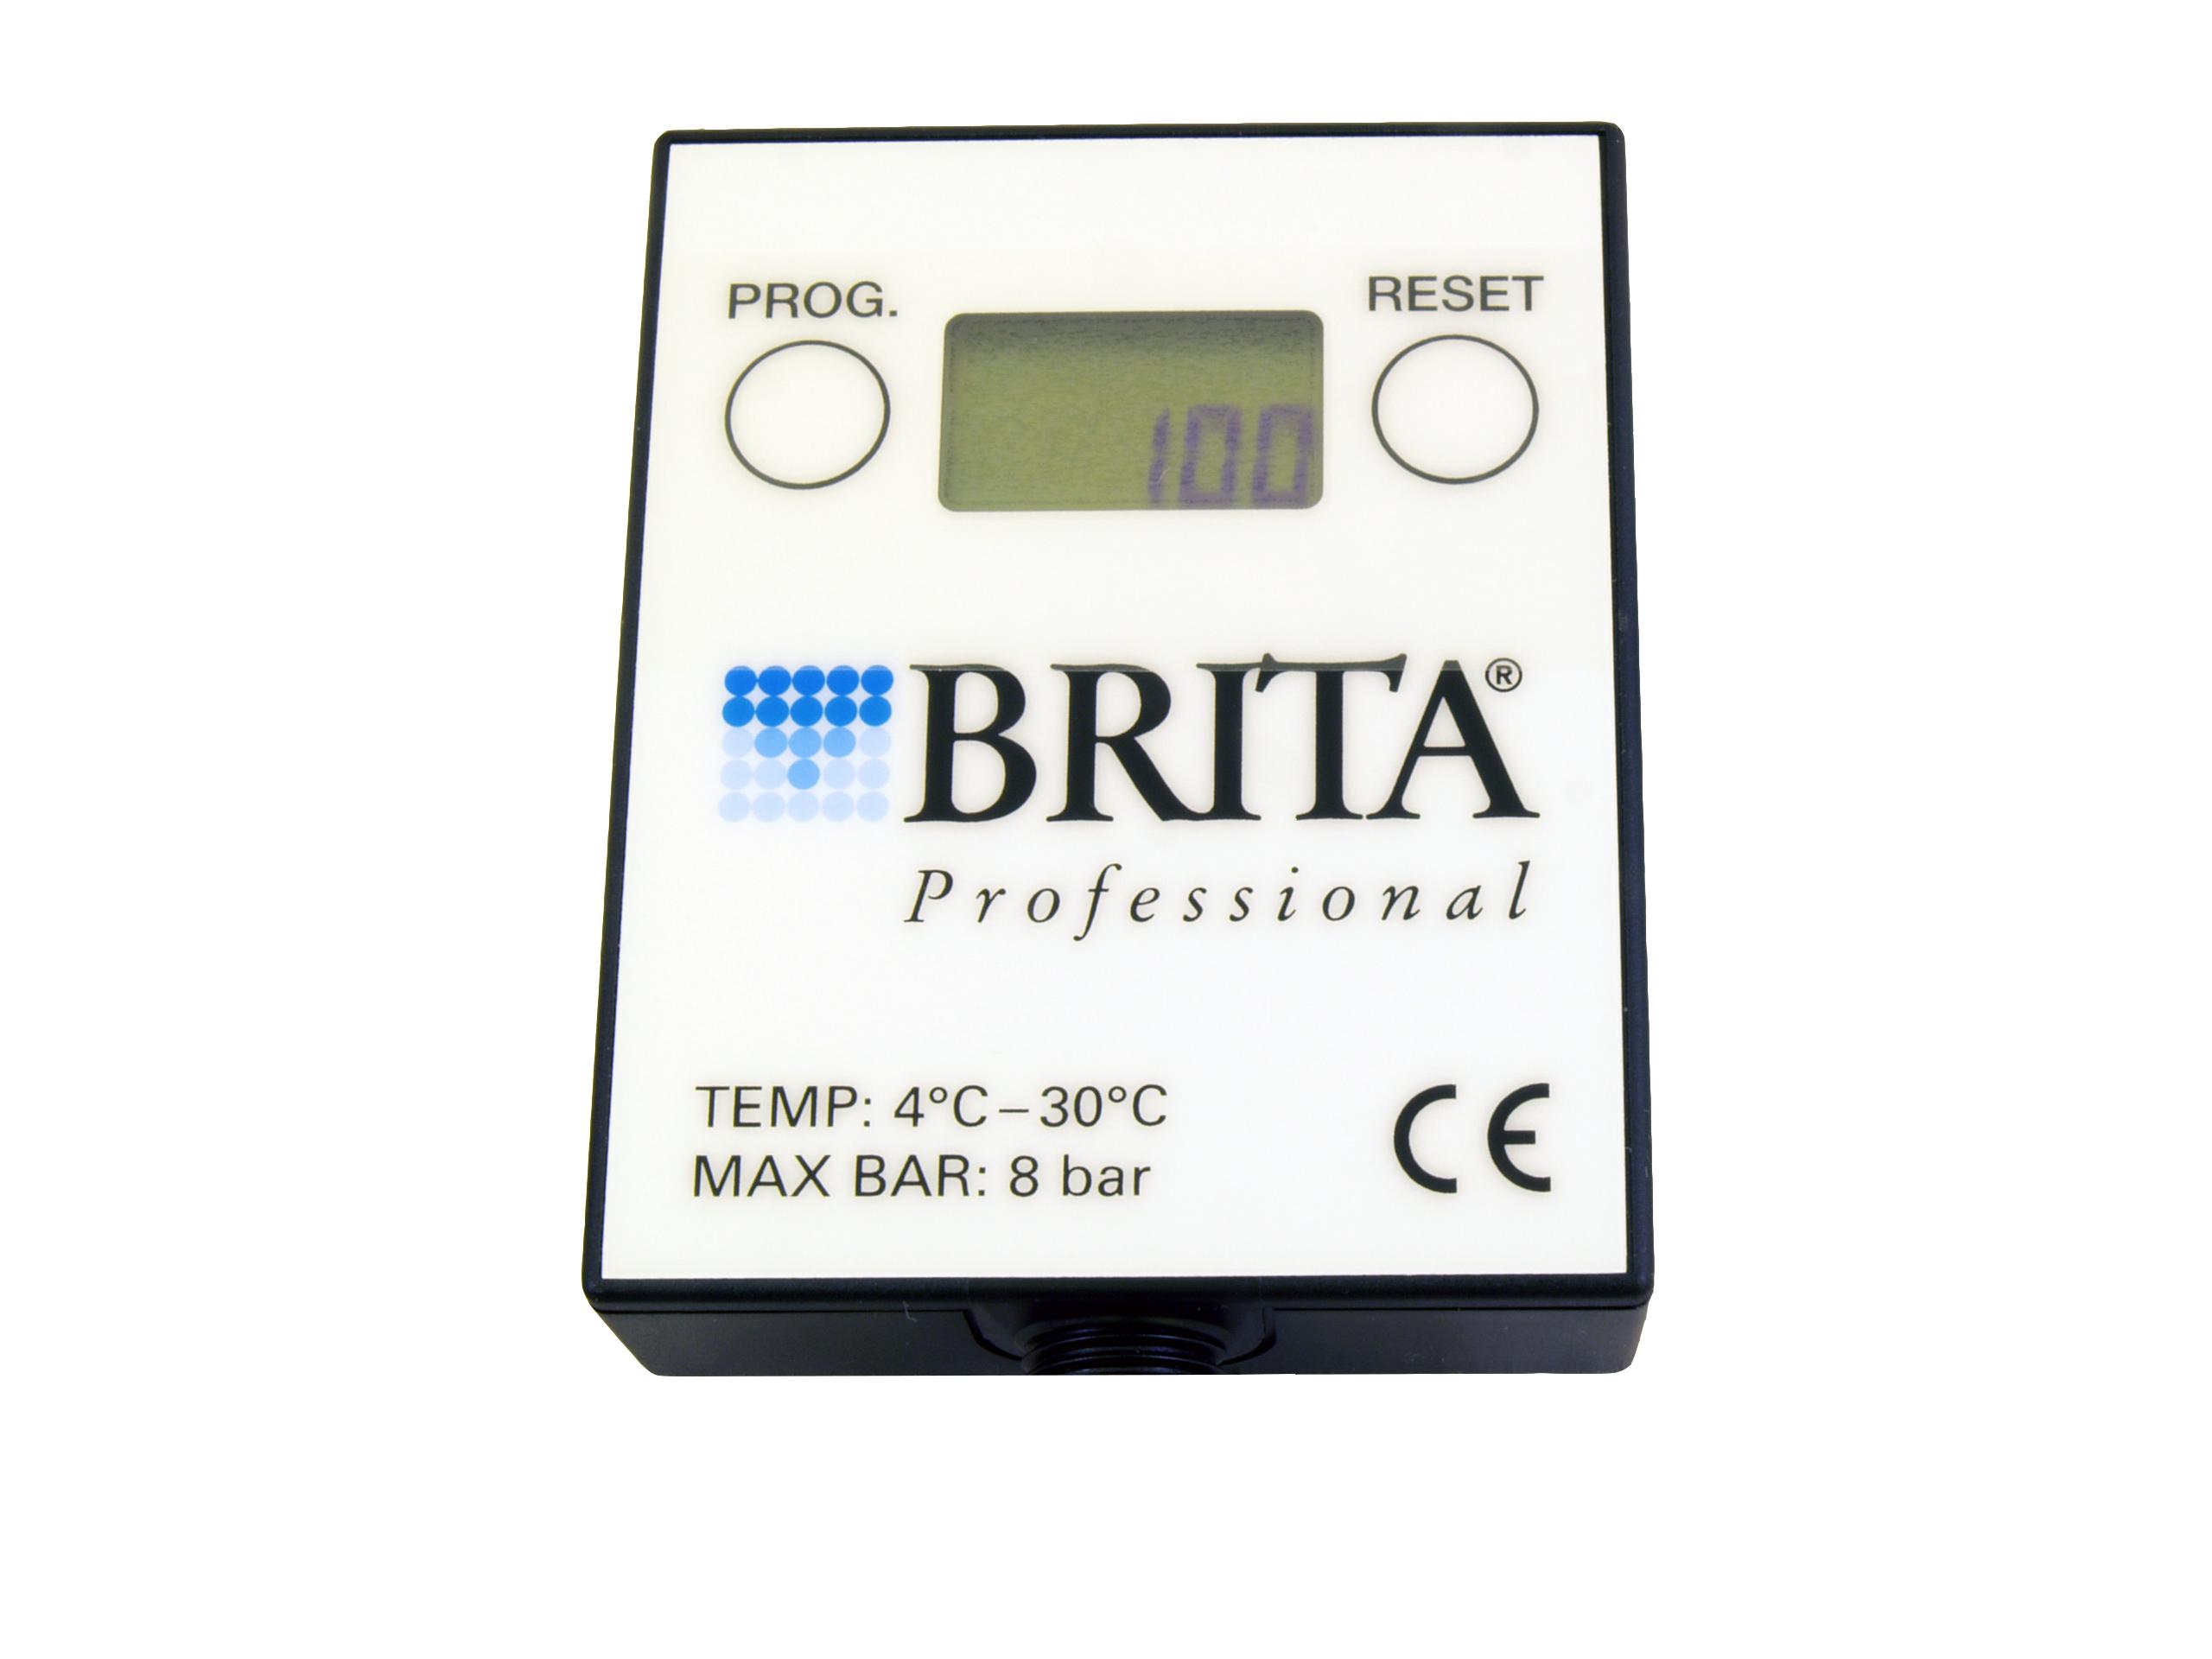 Brita Purity C Flowmeter